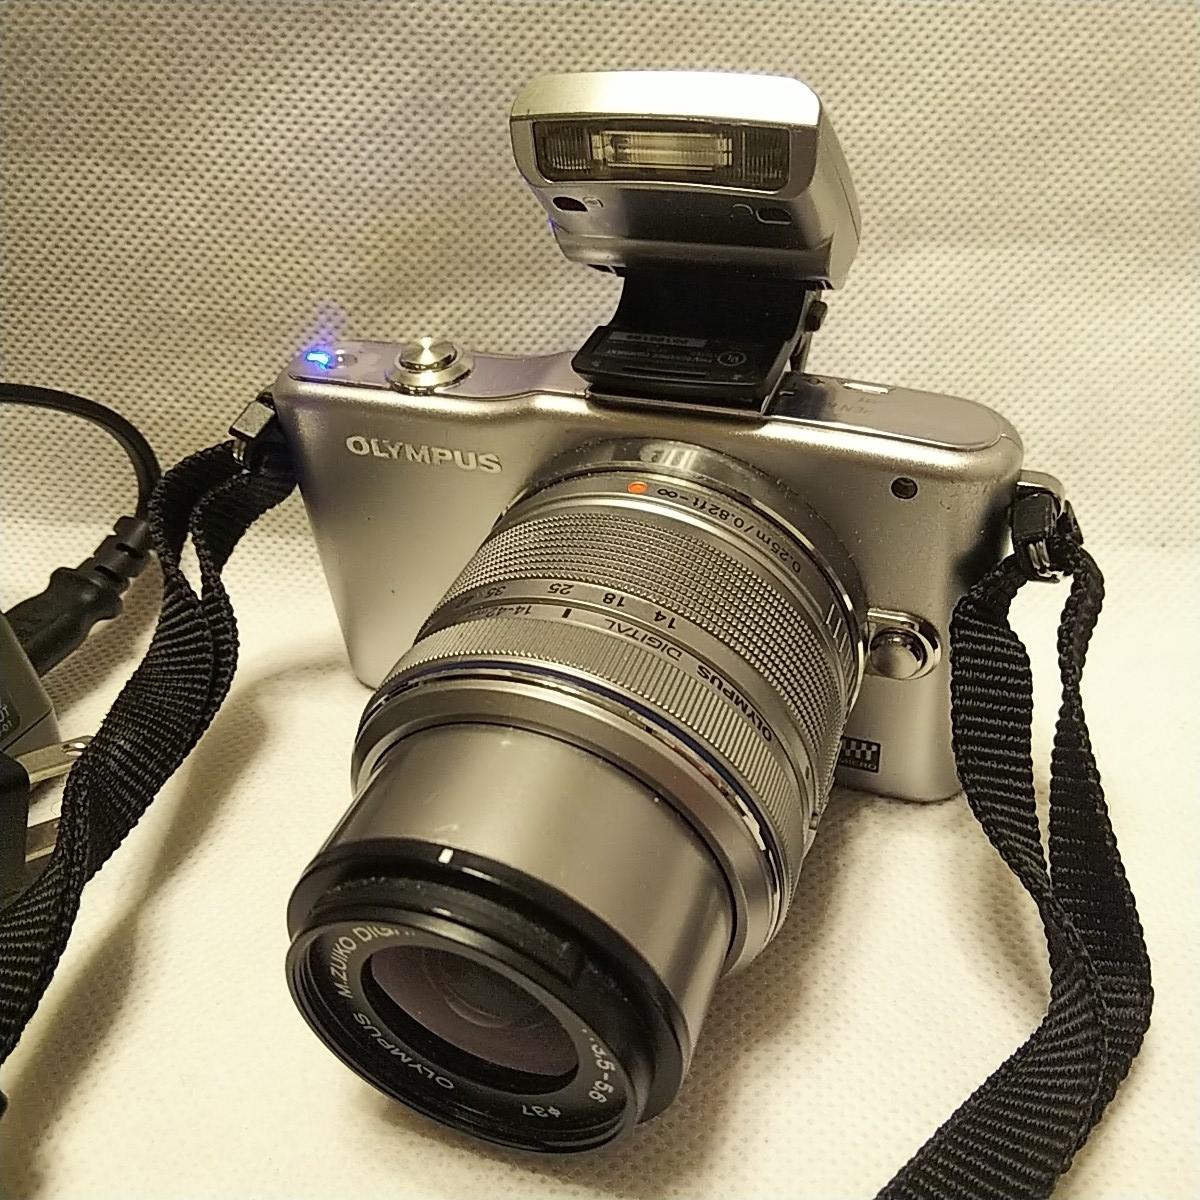 オリンパス E-PM1 デジタル一眼 レンズ フラッシュ付き FL-LM1 M.ZUIKO 14-42mm 1:3.5-5.6 π37mm ズームレンズキット YOKO-63 完動品 美品_画像2